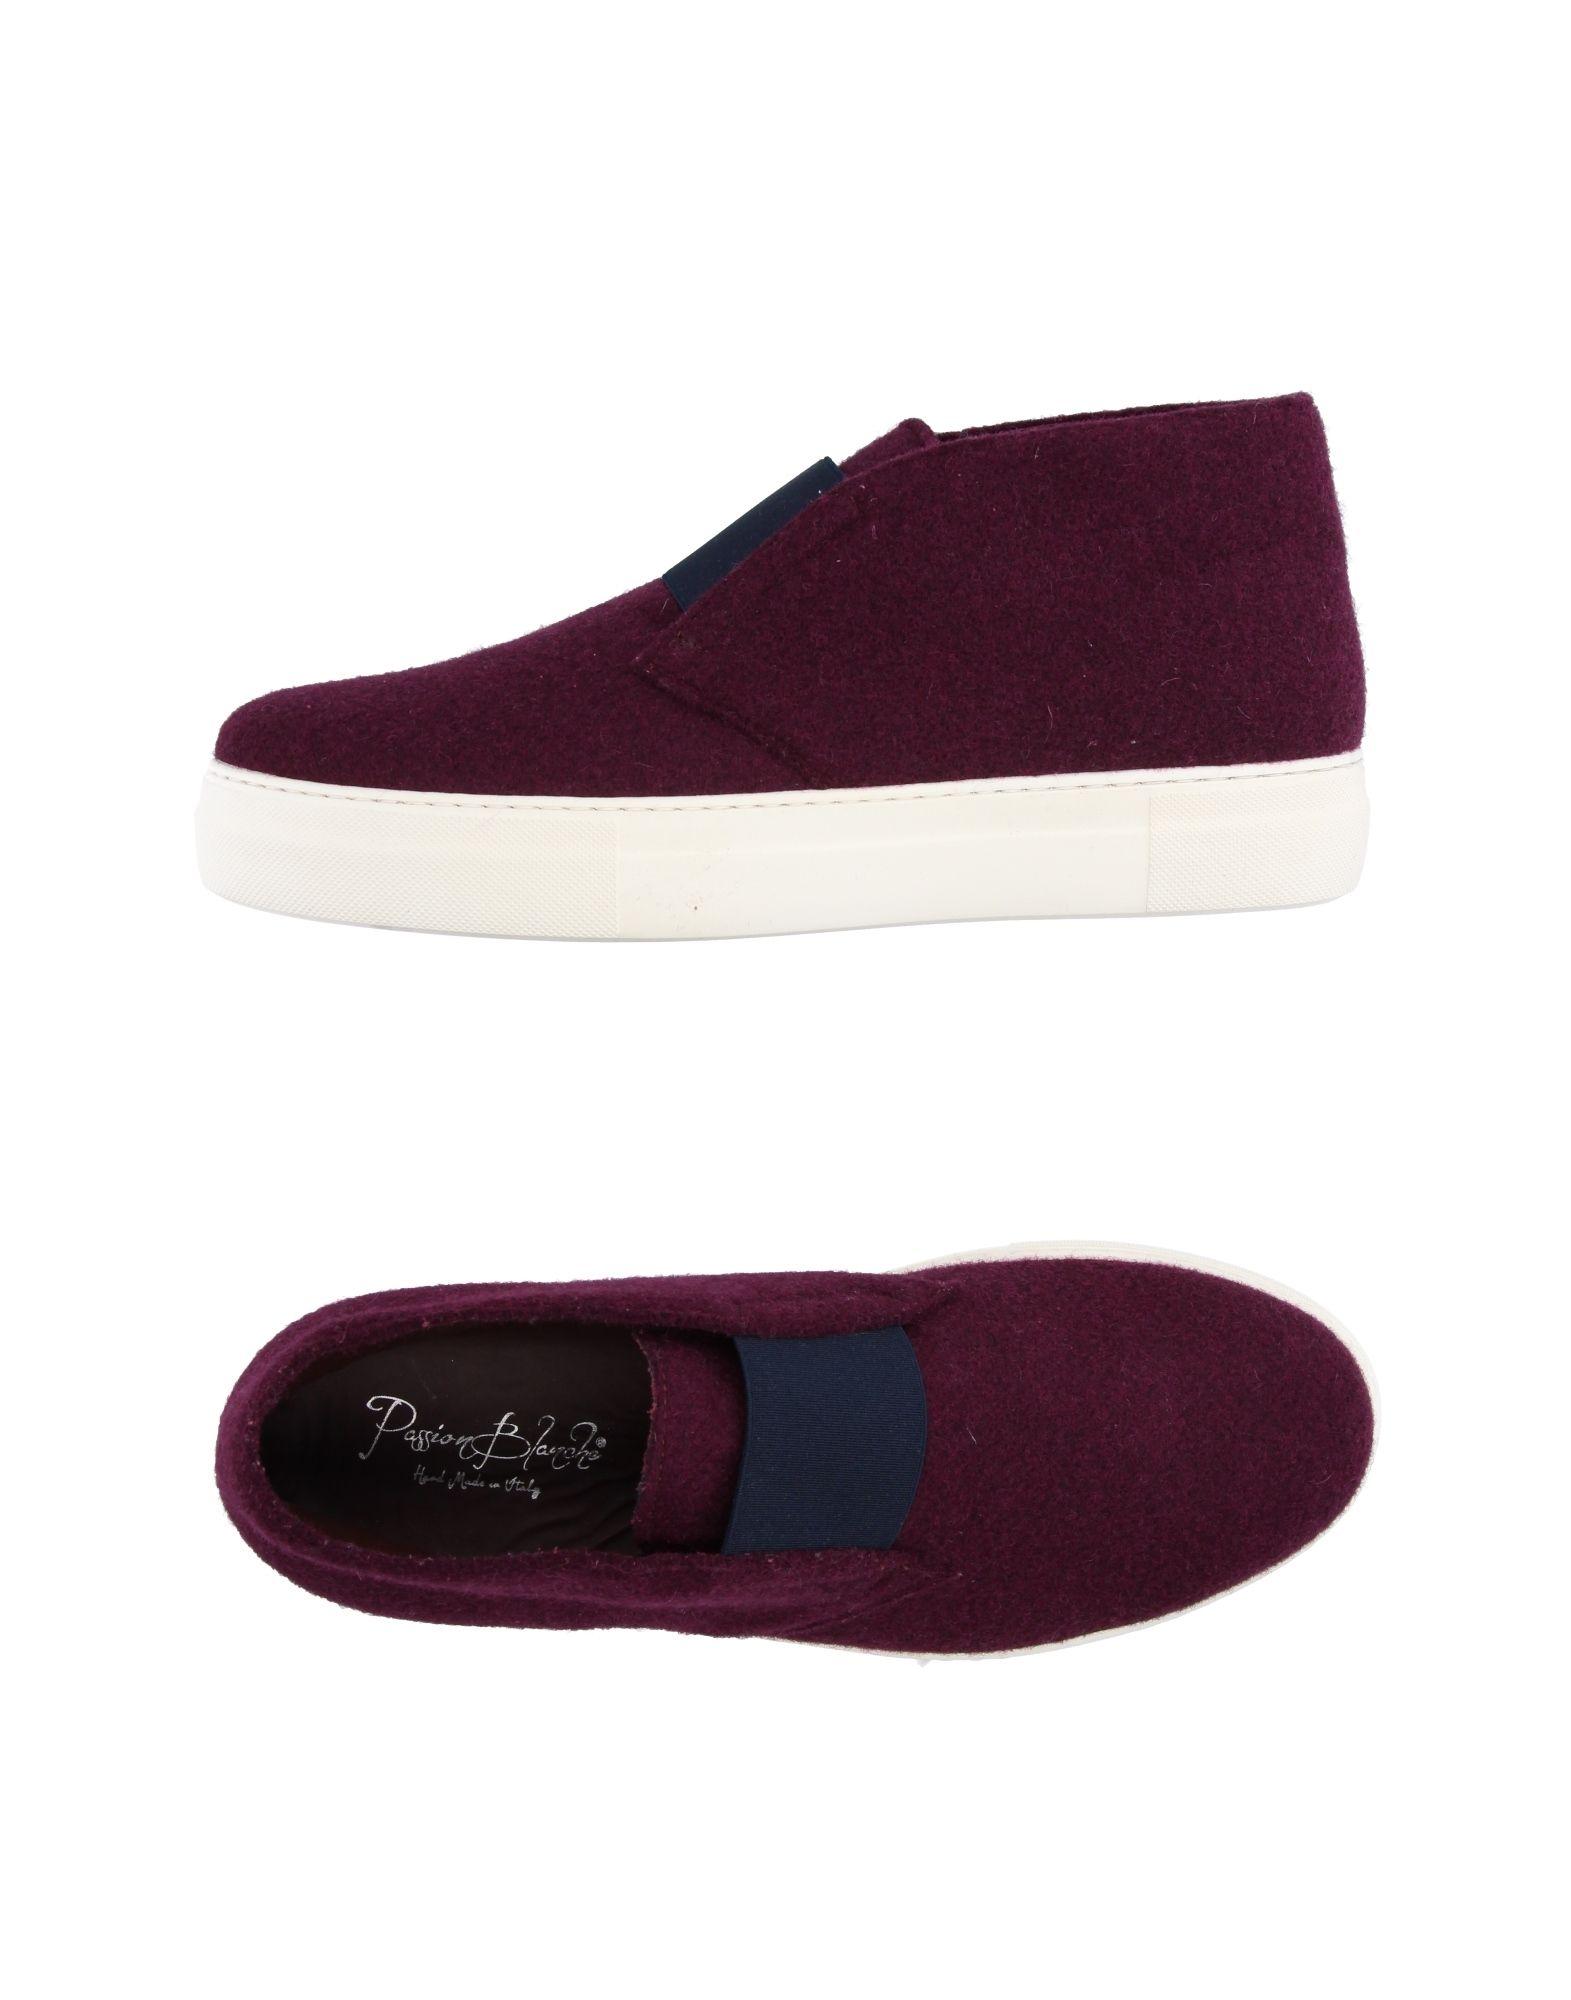 Rabatt echte Schuhe Passion Blanche Sneakers Herren  11217472QK